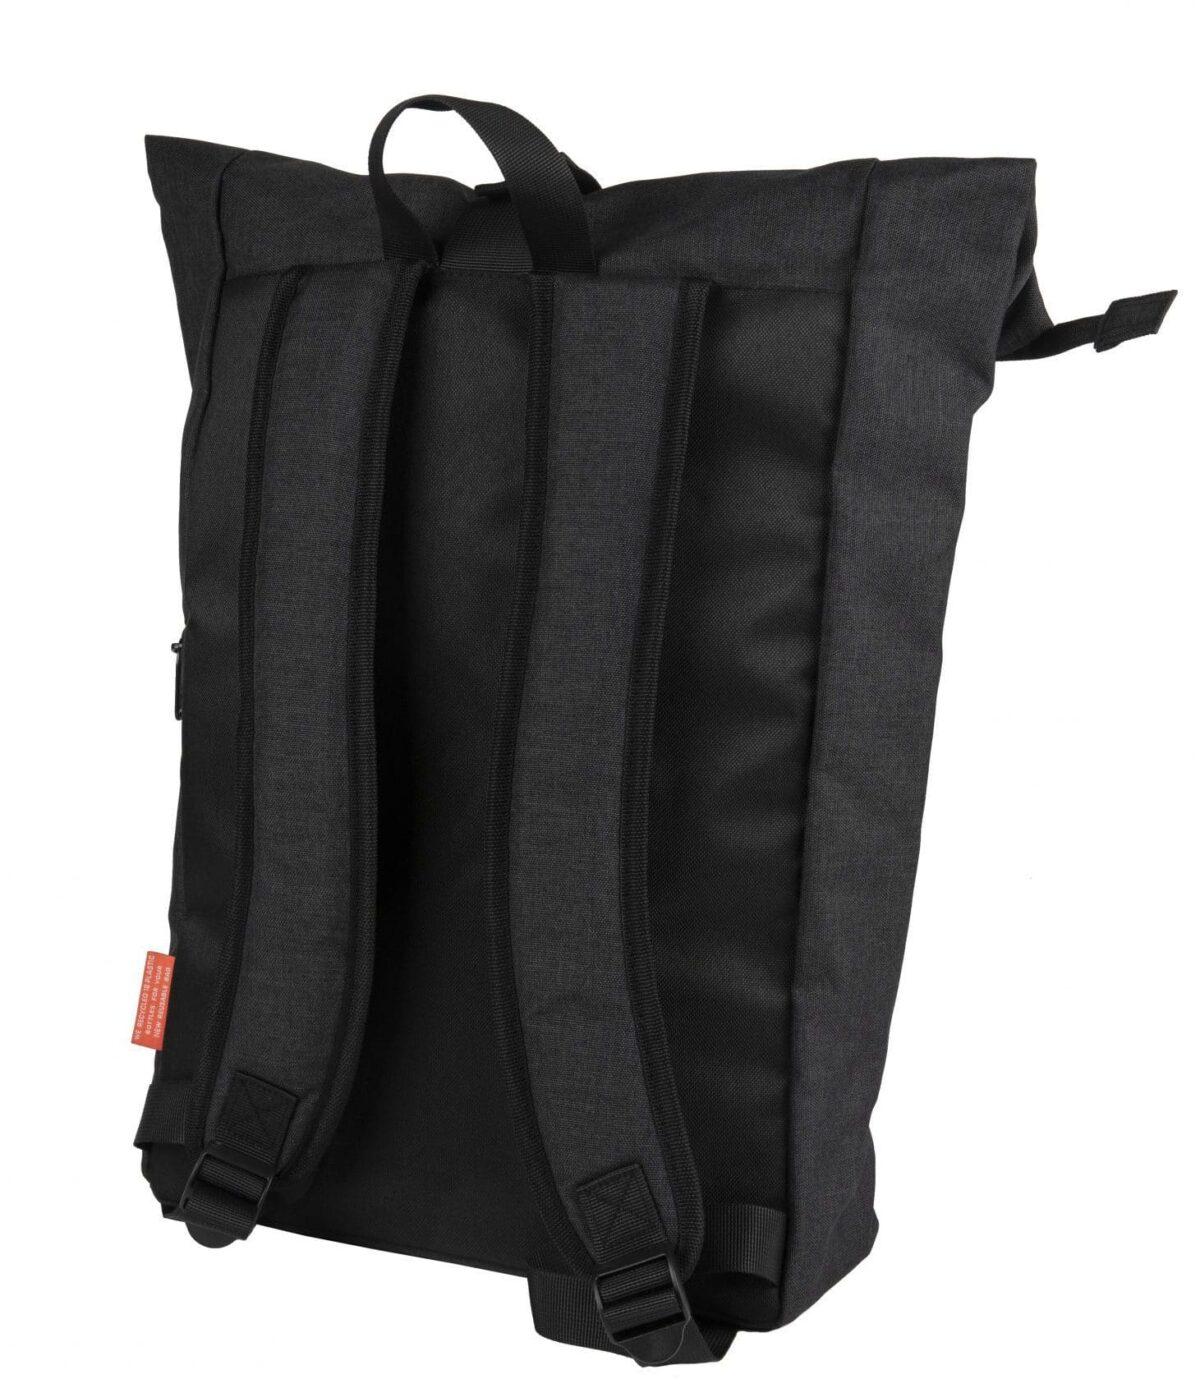 rPET Backpack Roll-top zwart achterzijde - Yipp & Co